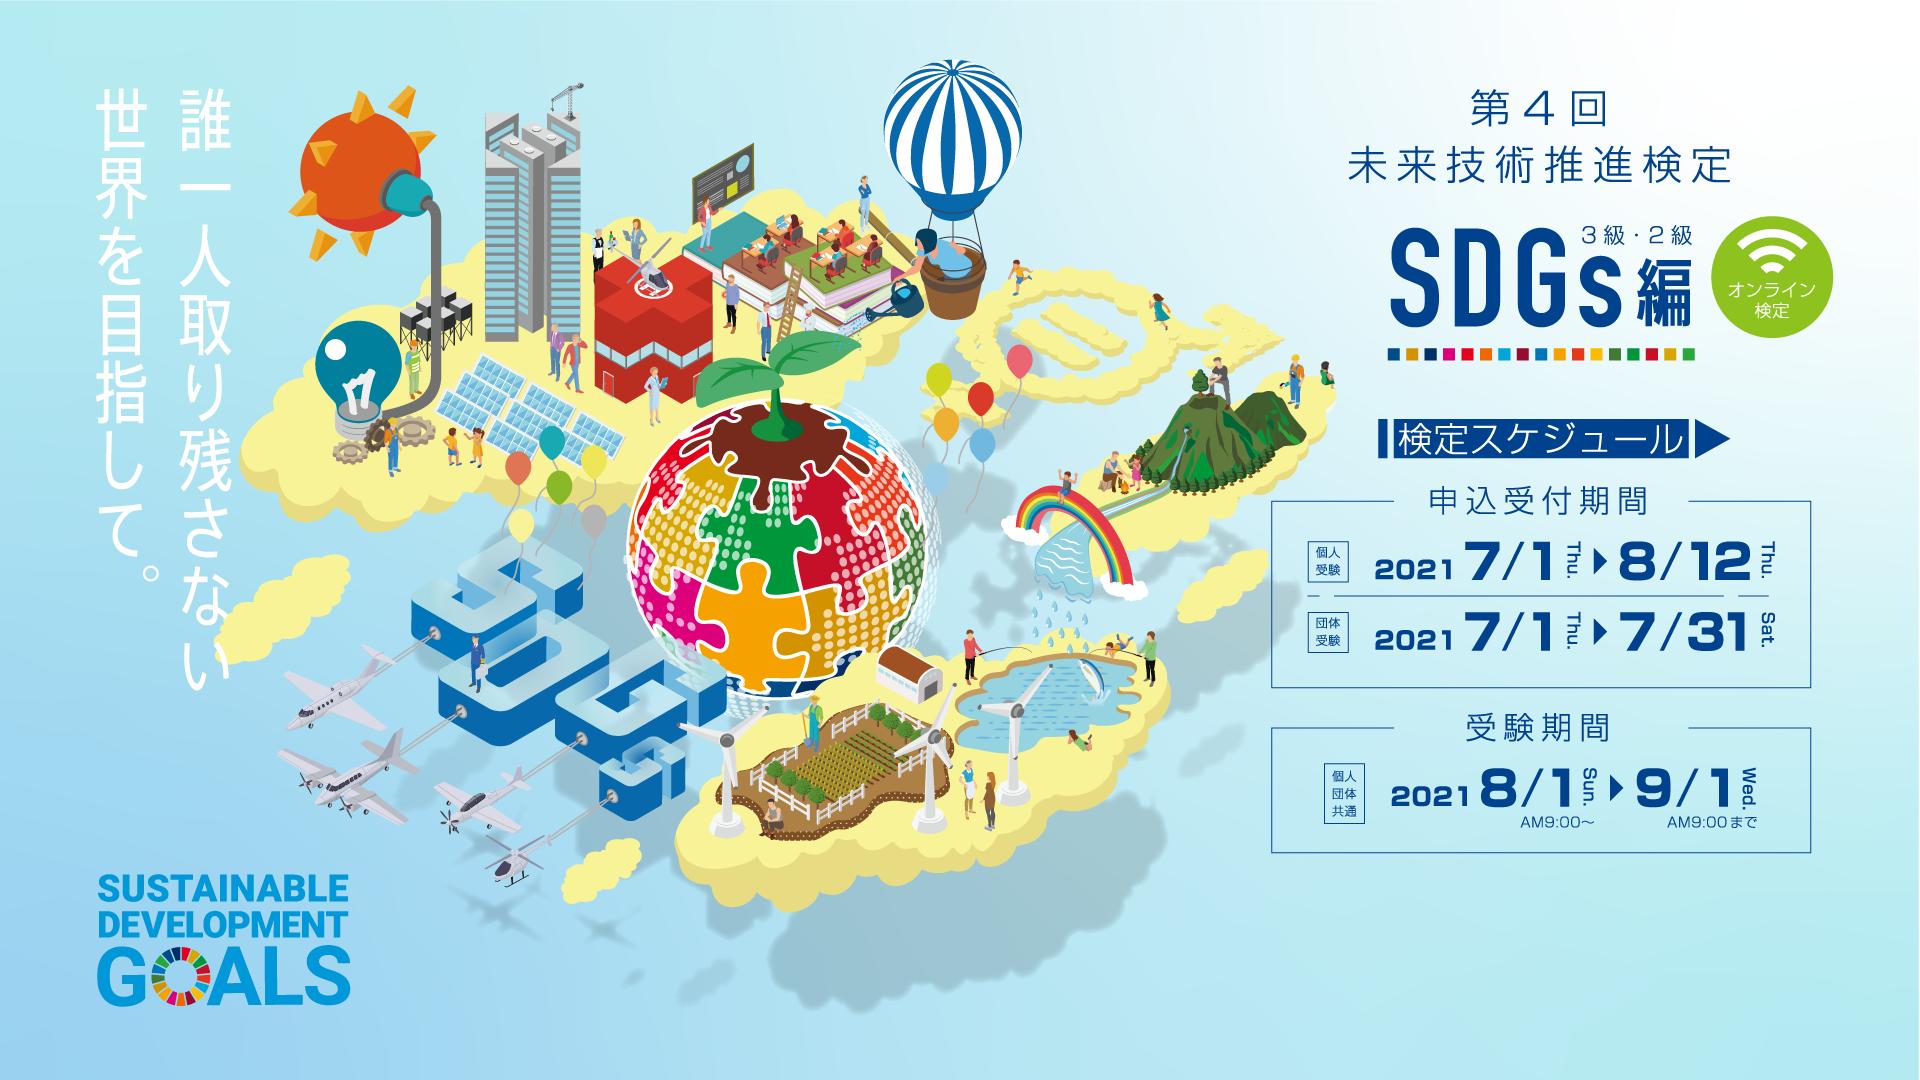 未来技術推進検定SDGs編2021年7月期受付